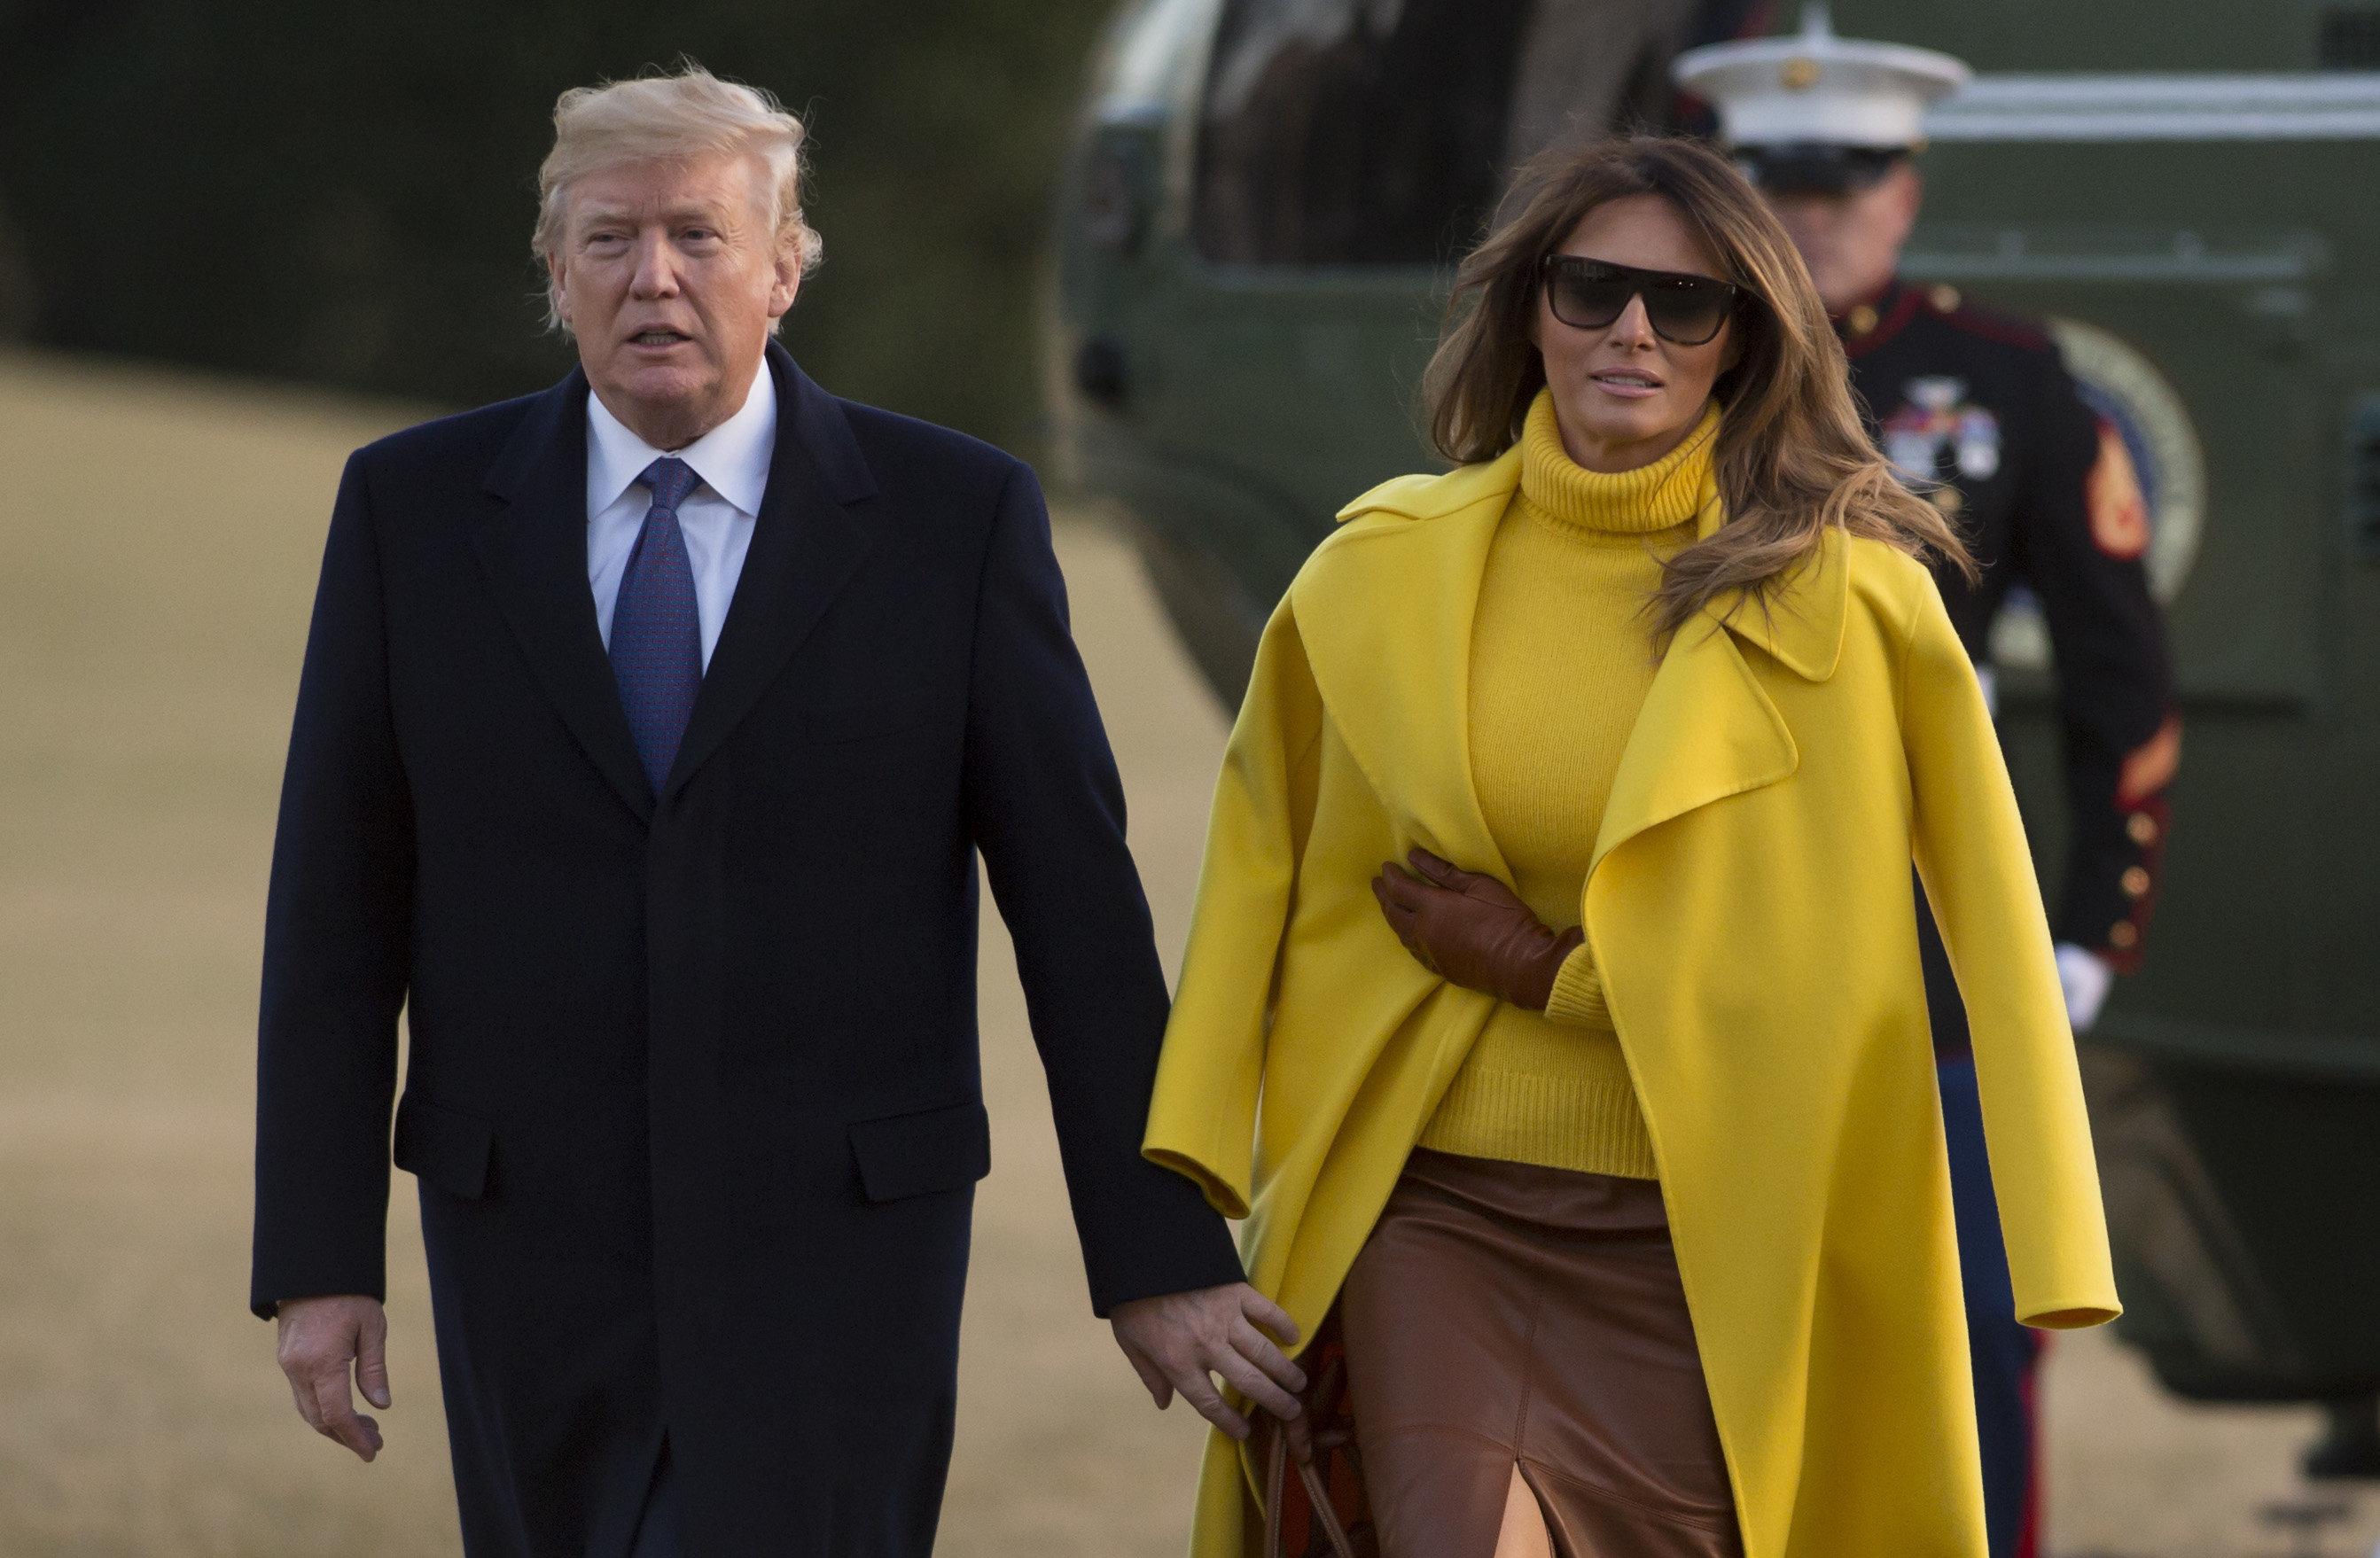 «Μα πού είναι το χέρι της;»: Μια ακόμη αμήχανη στιγμή του ζεύγους Τραμπ γίνεται